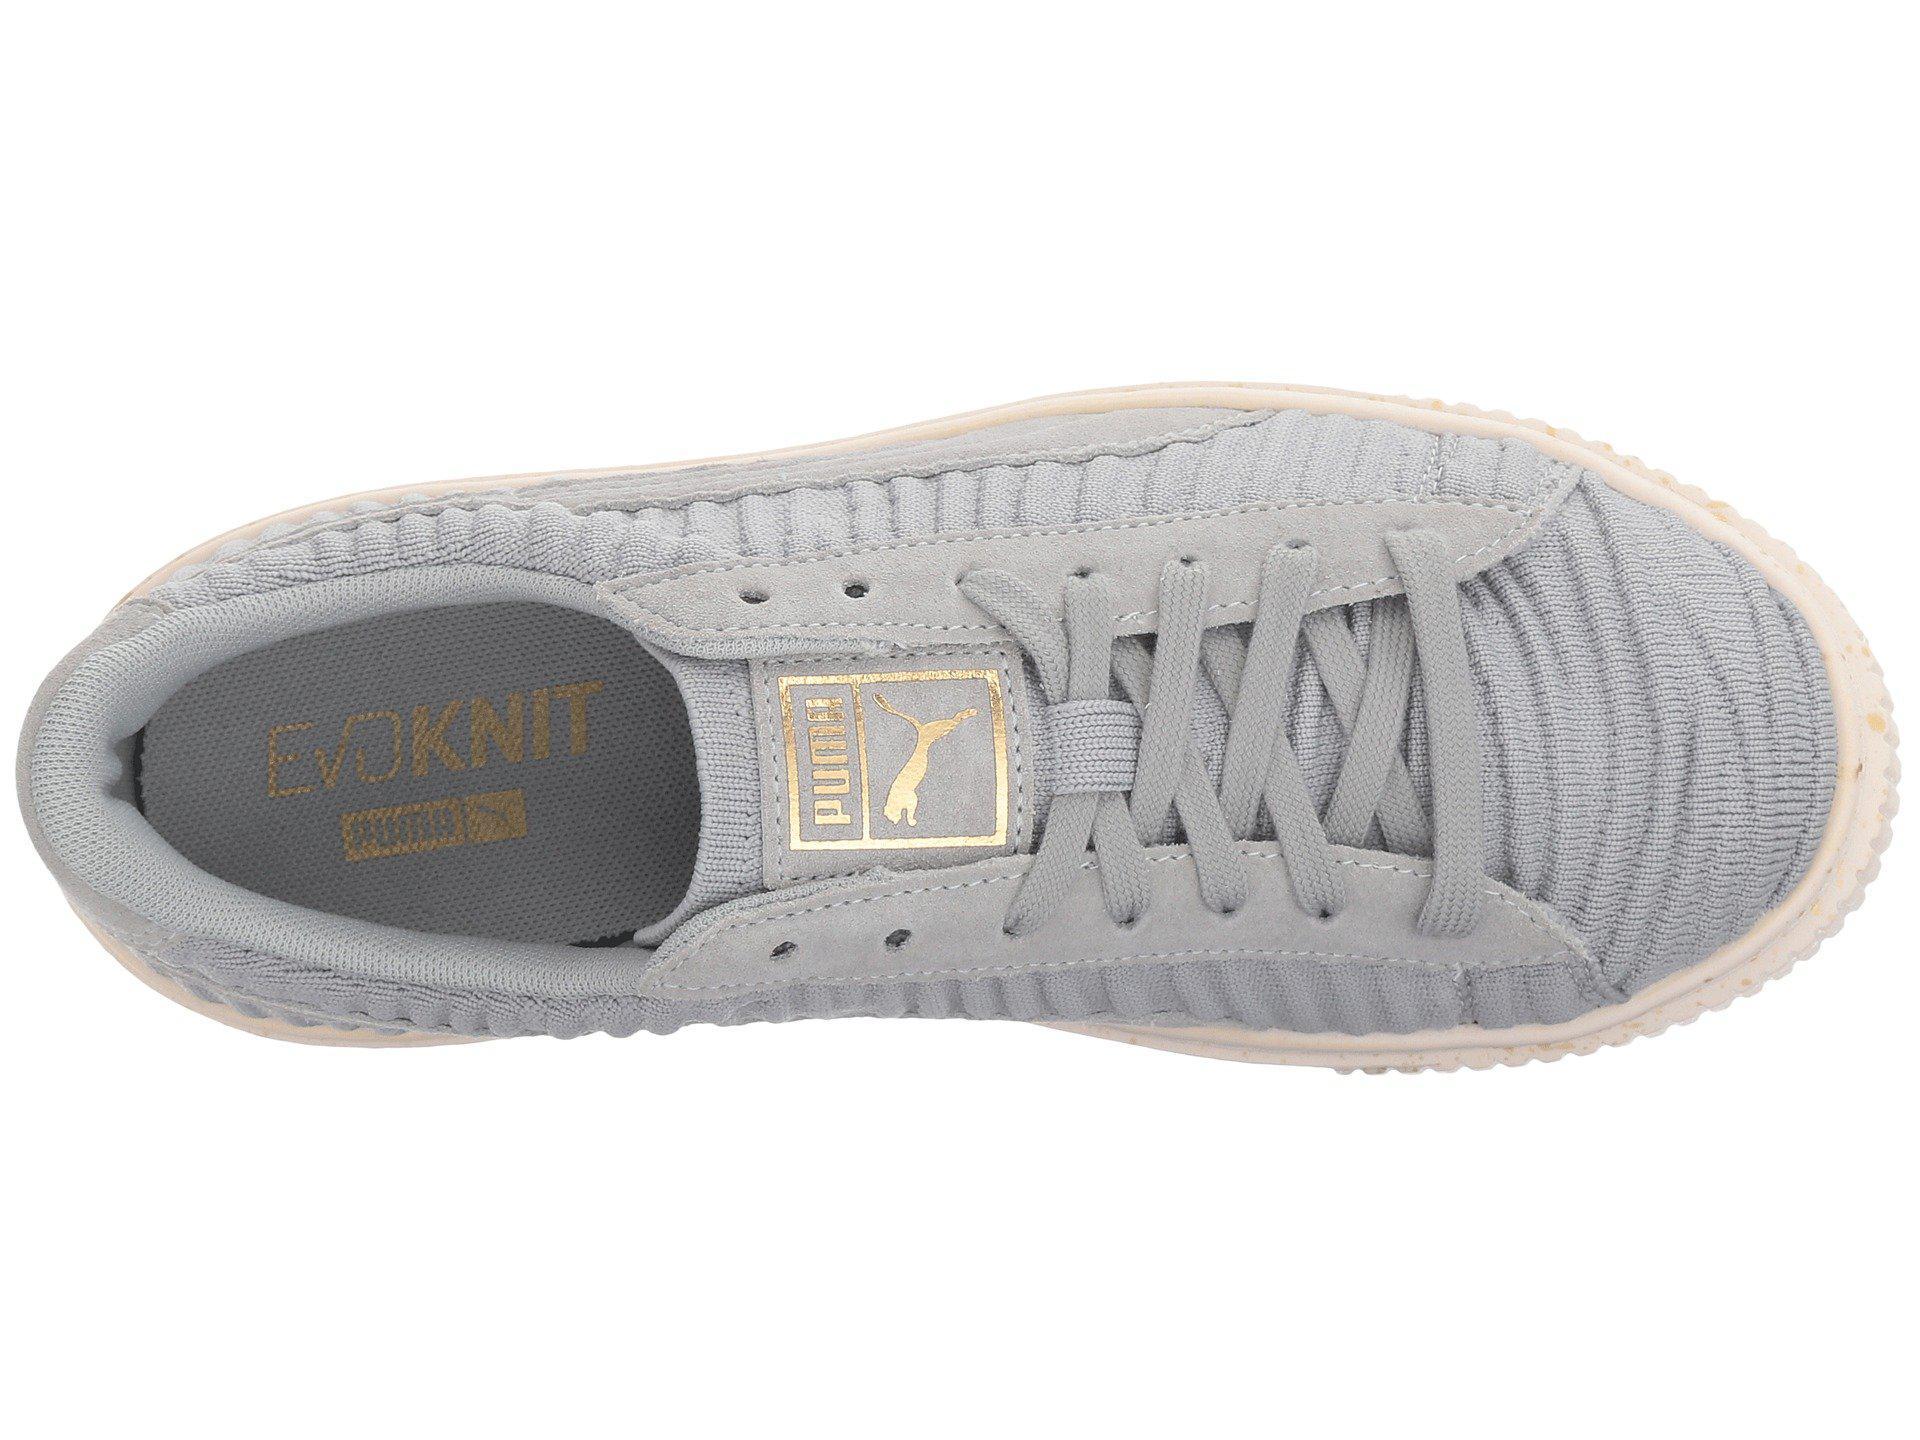 9492506679cf01 Lyst - Puma Basket Platform Ow in White - Save 36.36363636363637%